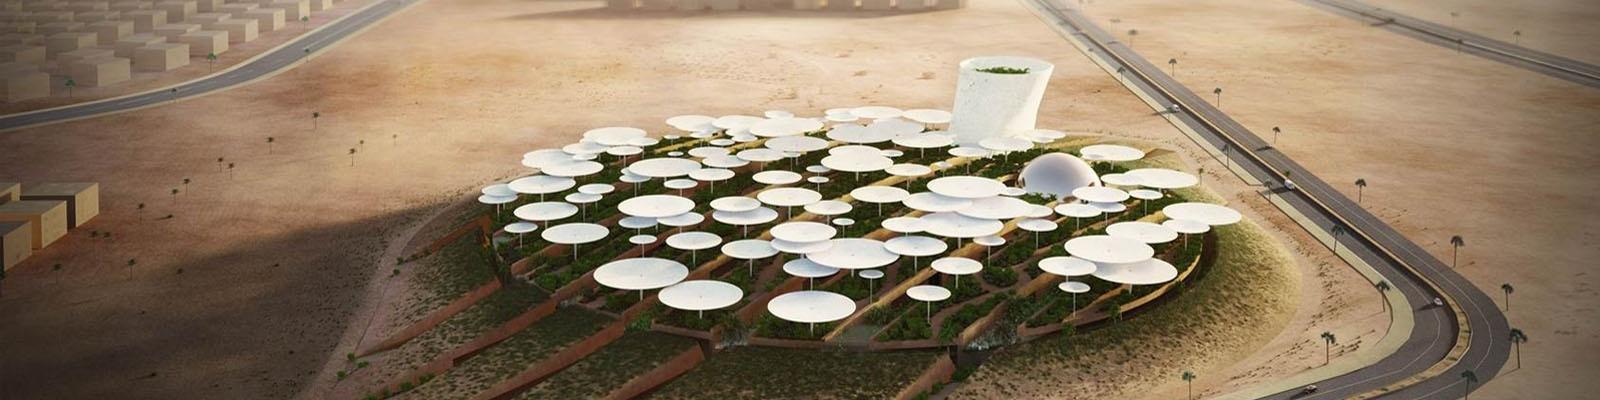 مكتبة الإسكندرية تعلن نتائج المسابقة الدولية لتصميم مدينة العلوم